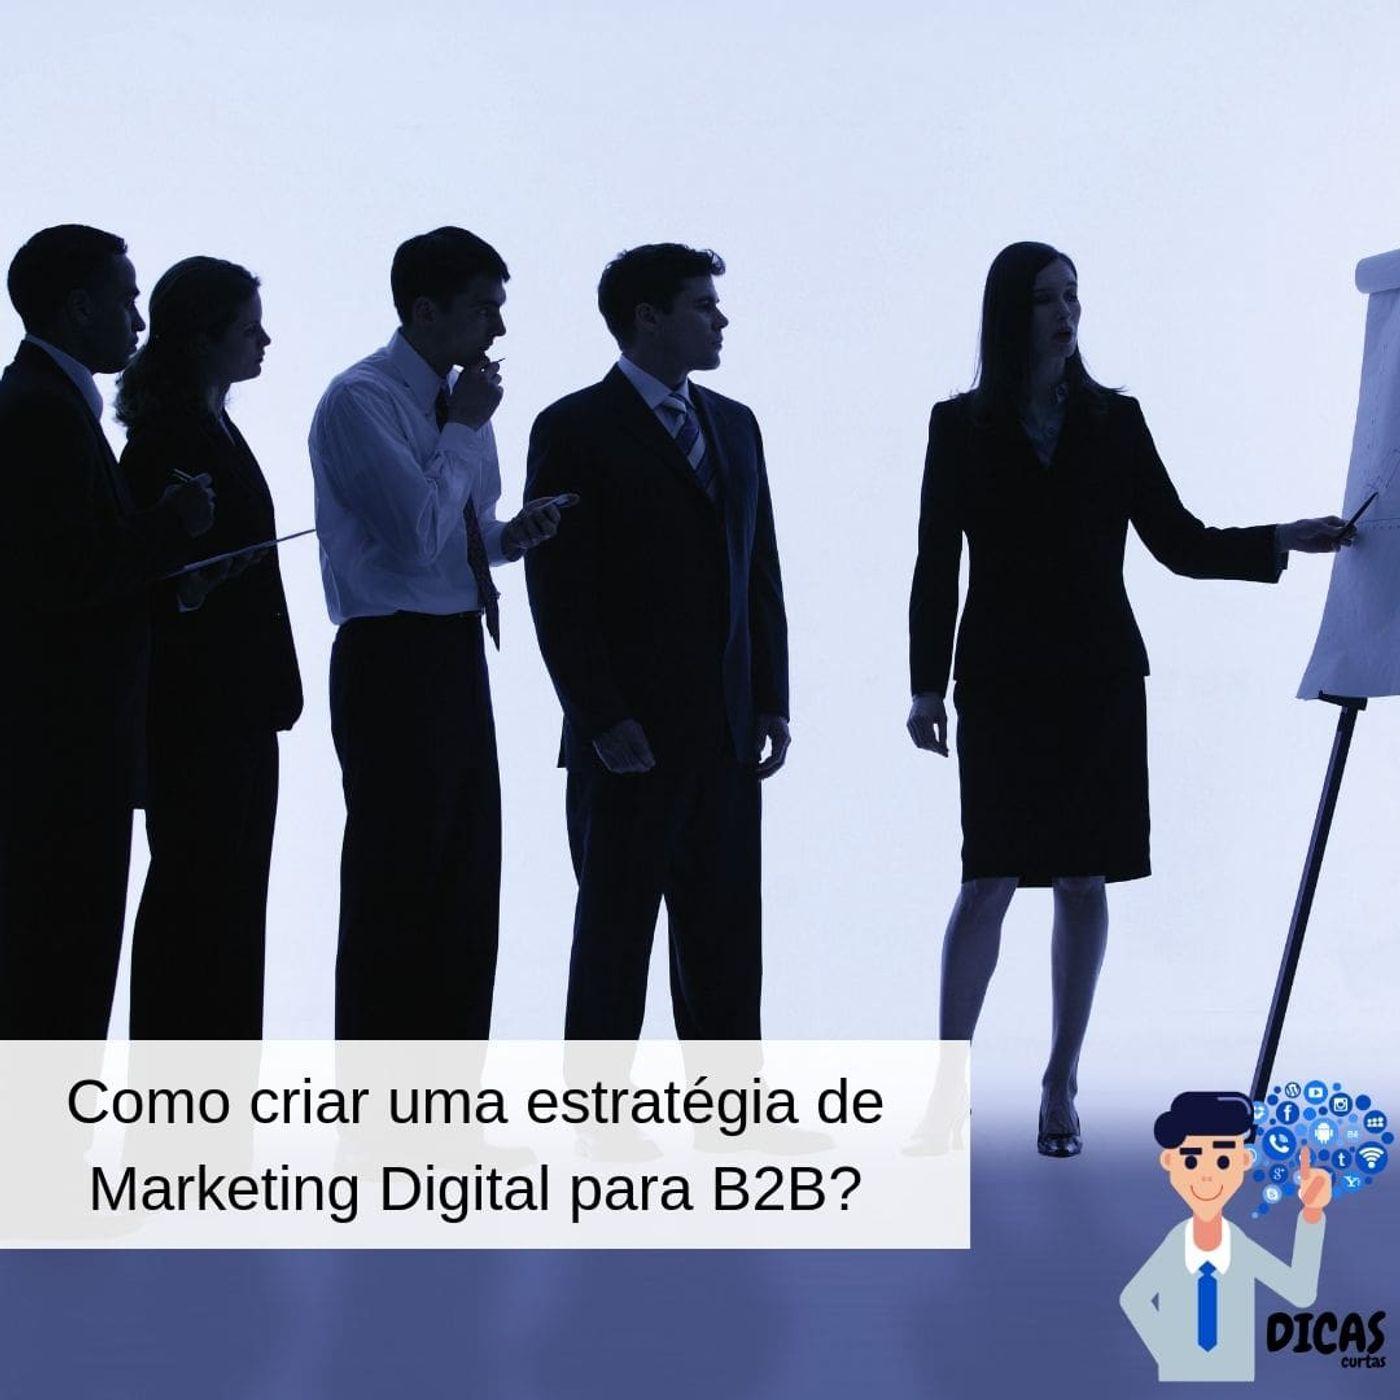 073 Como criar uma estratégia de Marketing Digital para B2B?